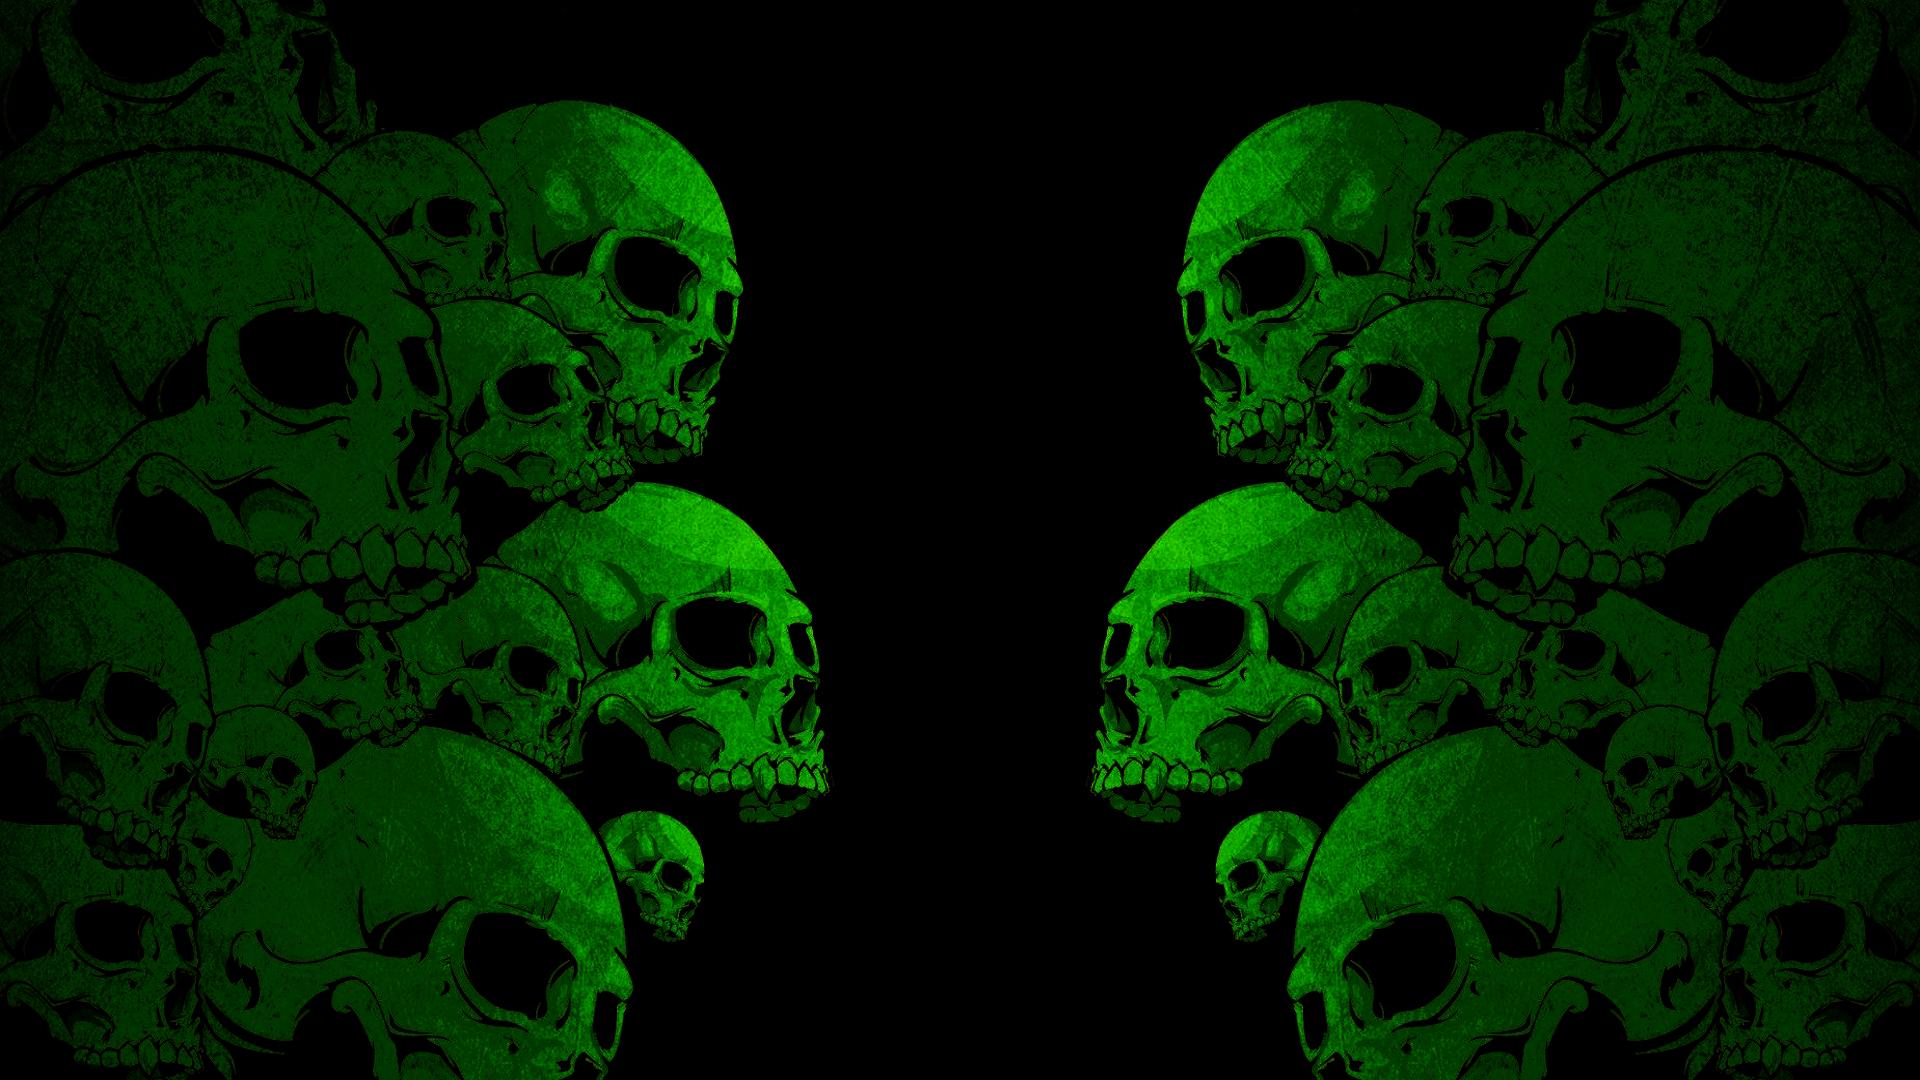 Skull Computer Wallpapers Desktop Backgrounds 1920x1080 ID541715 1920x1080